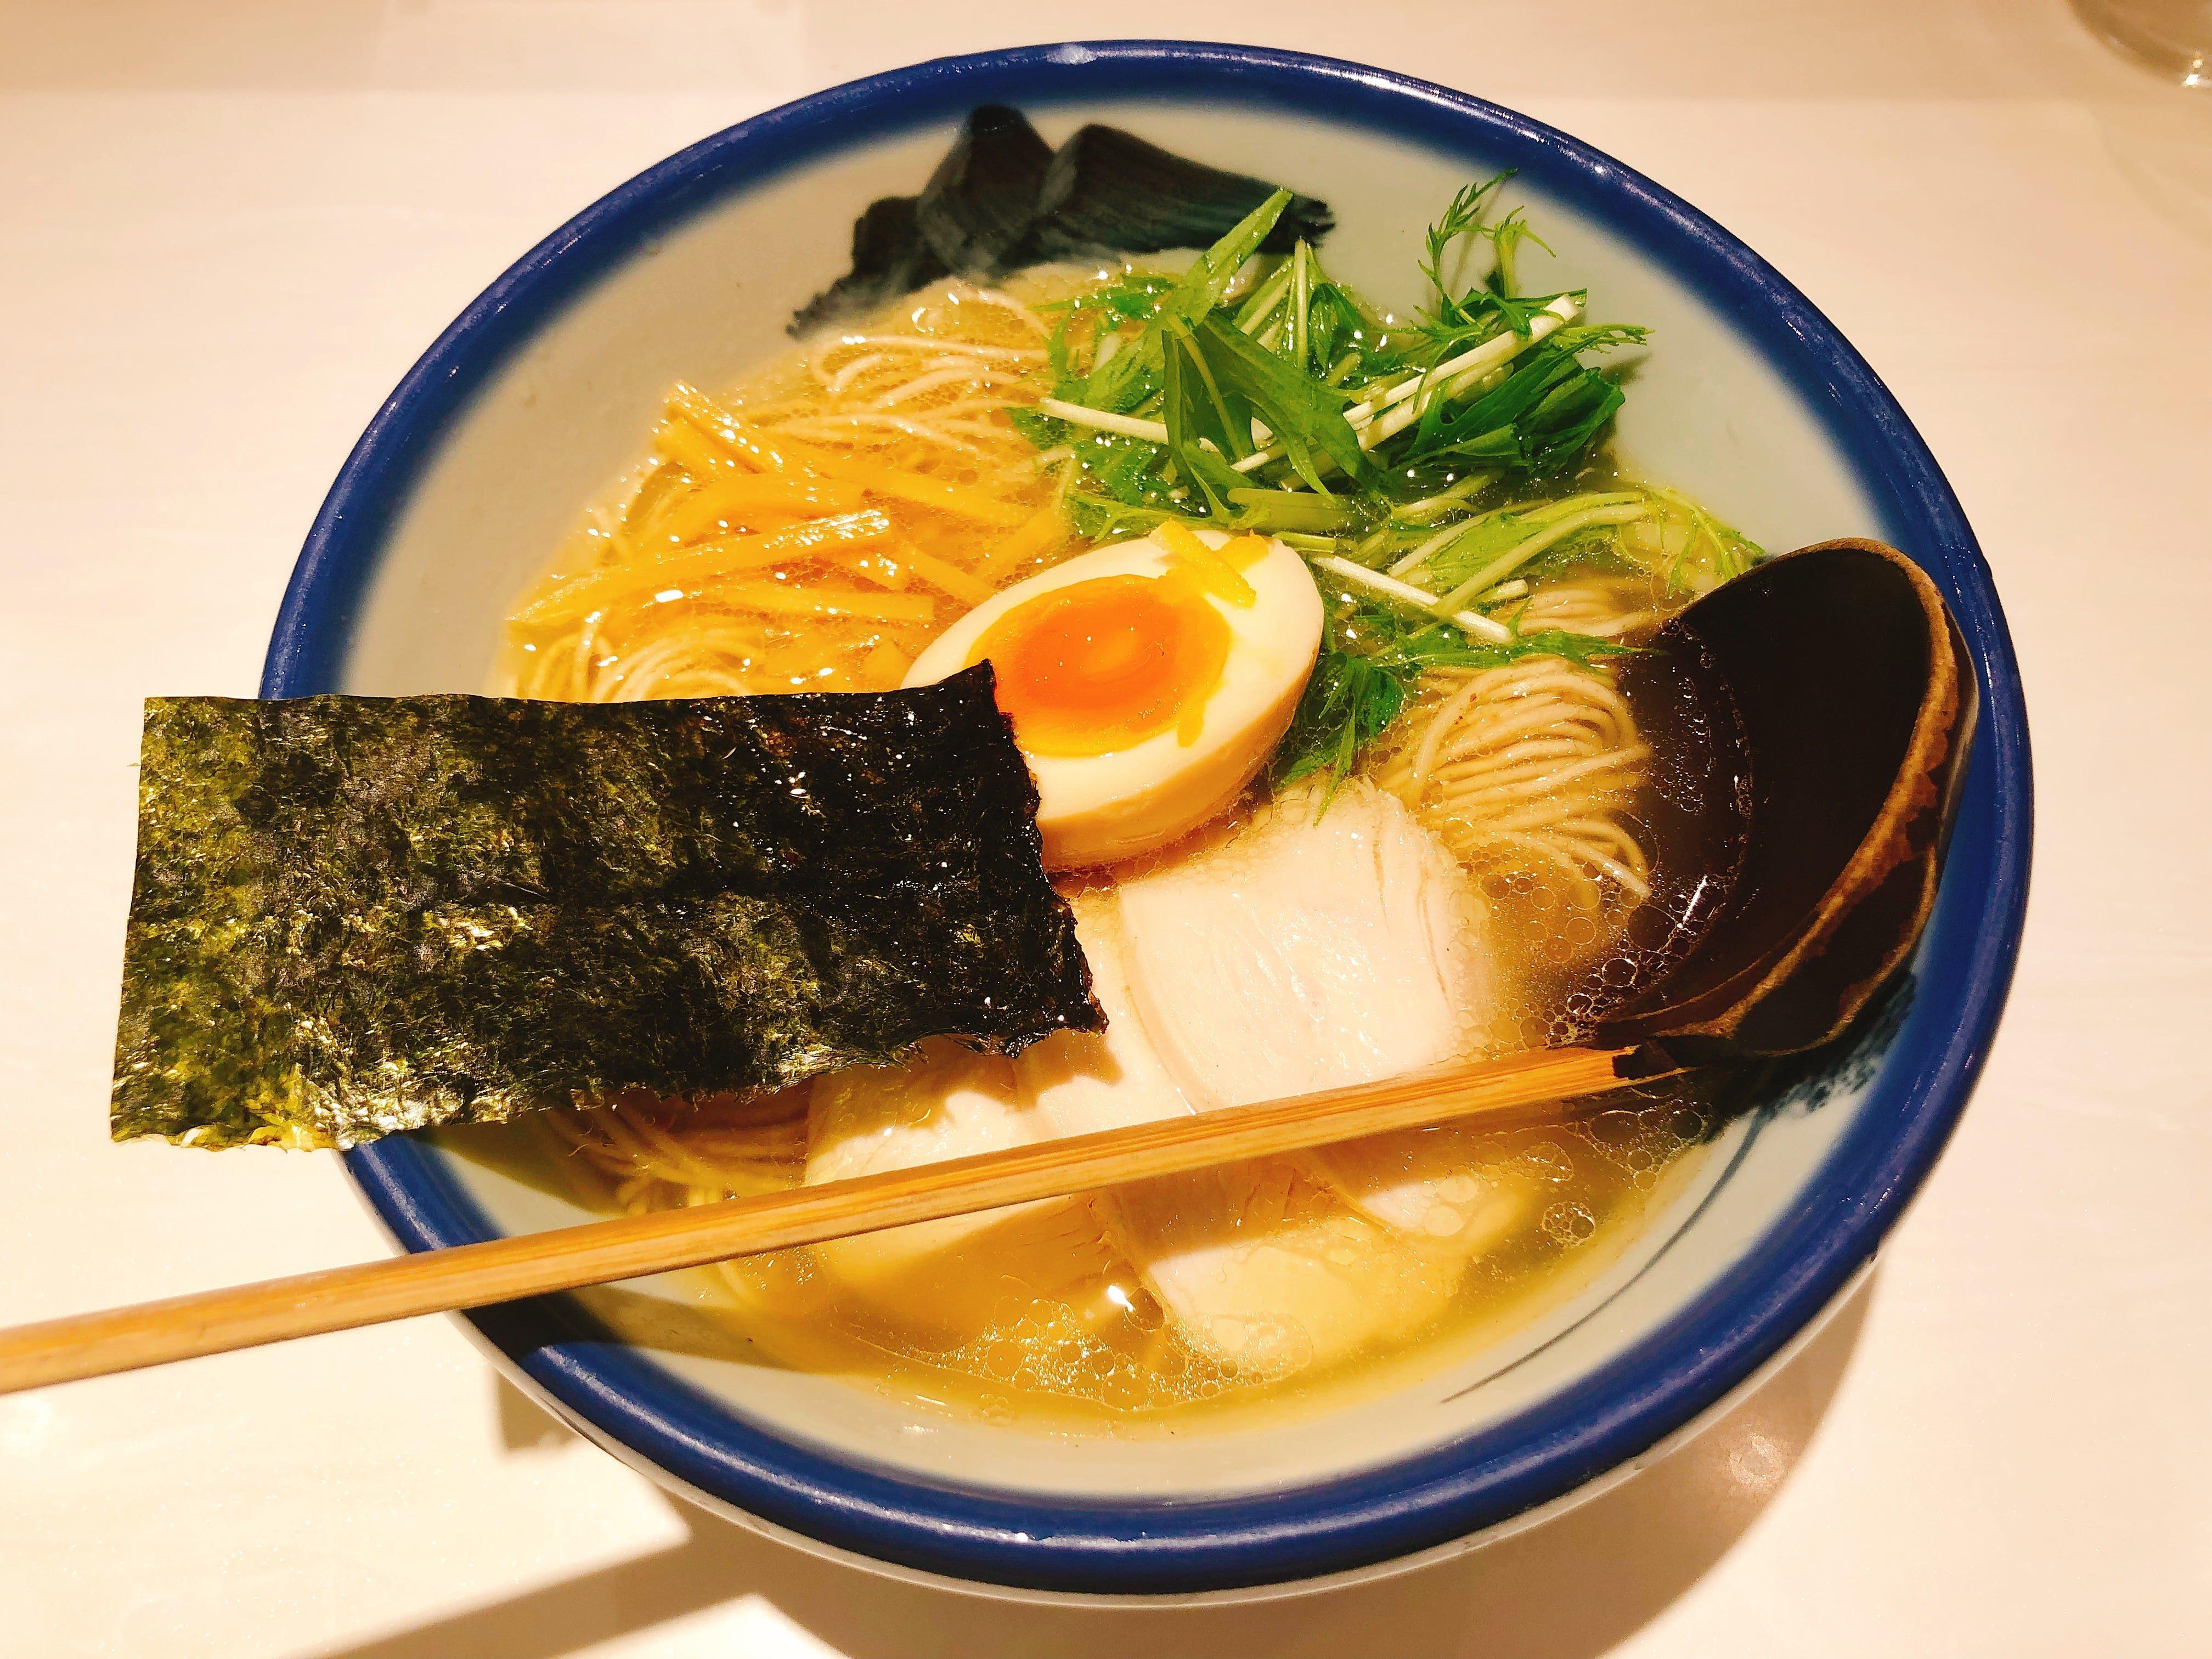 女性人気の高い美しく透き通ったあっさり端麗スープの『柚子塩らーめん』@AFURI新宿店【新宿】